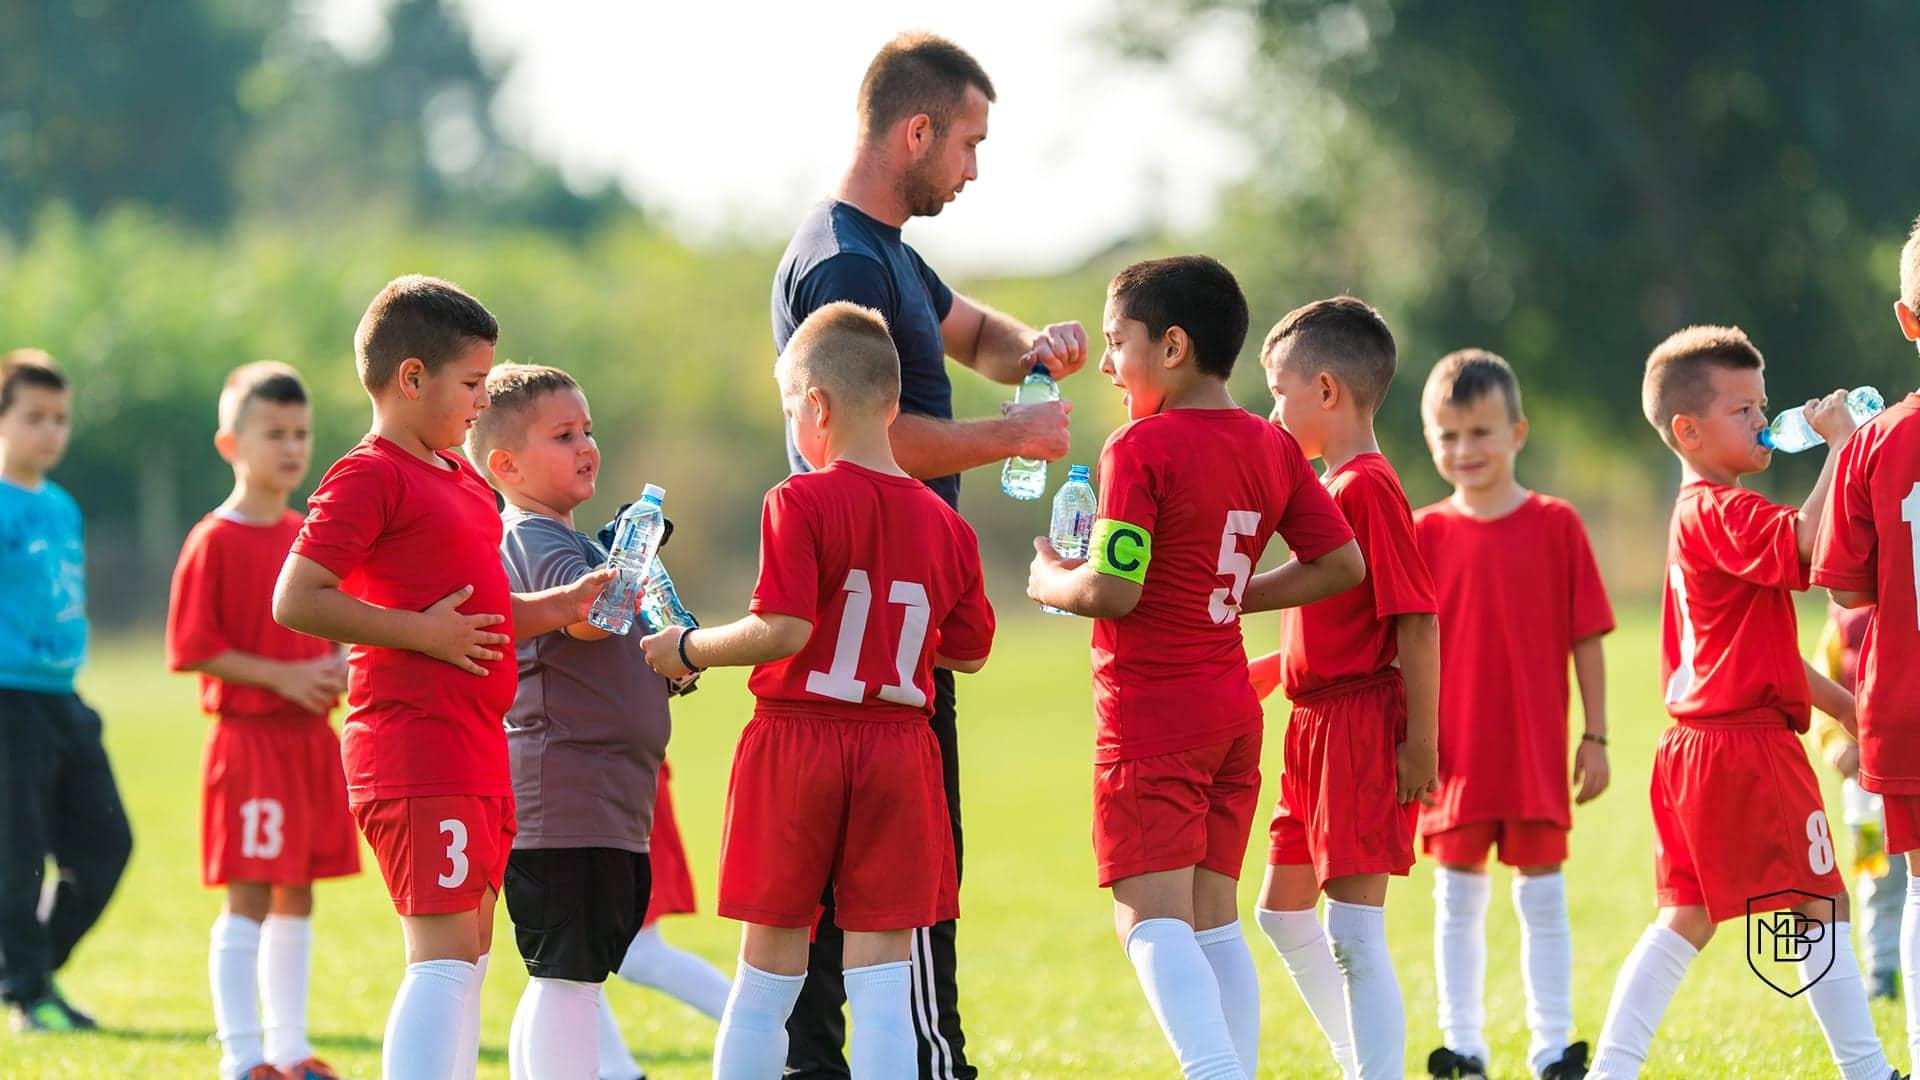 Los 4 grandes bloques a dominar por el entrenador de formación